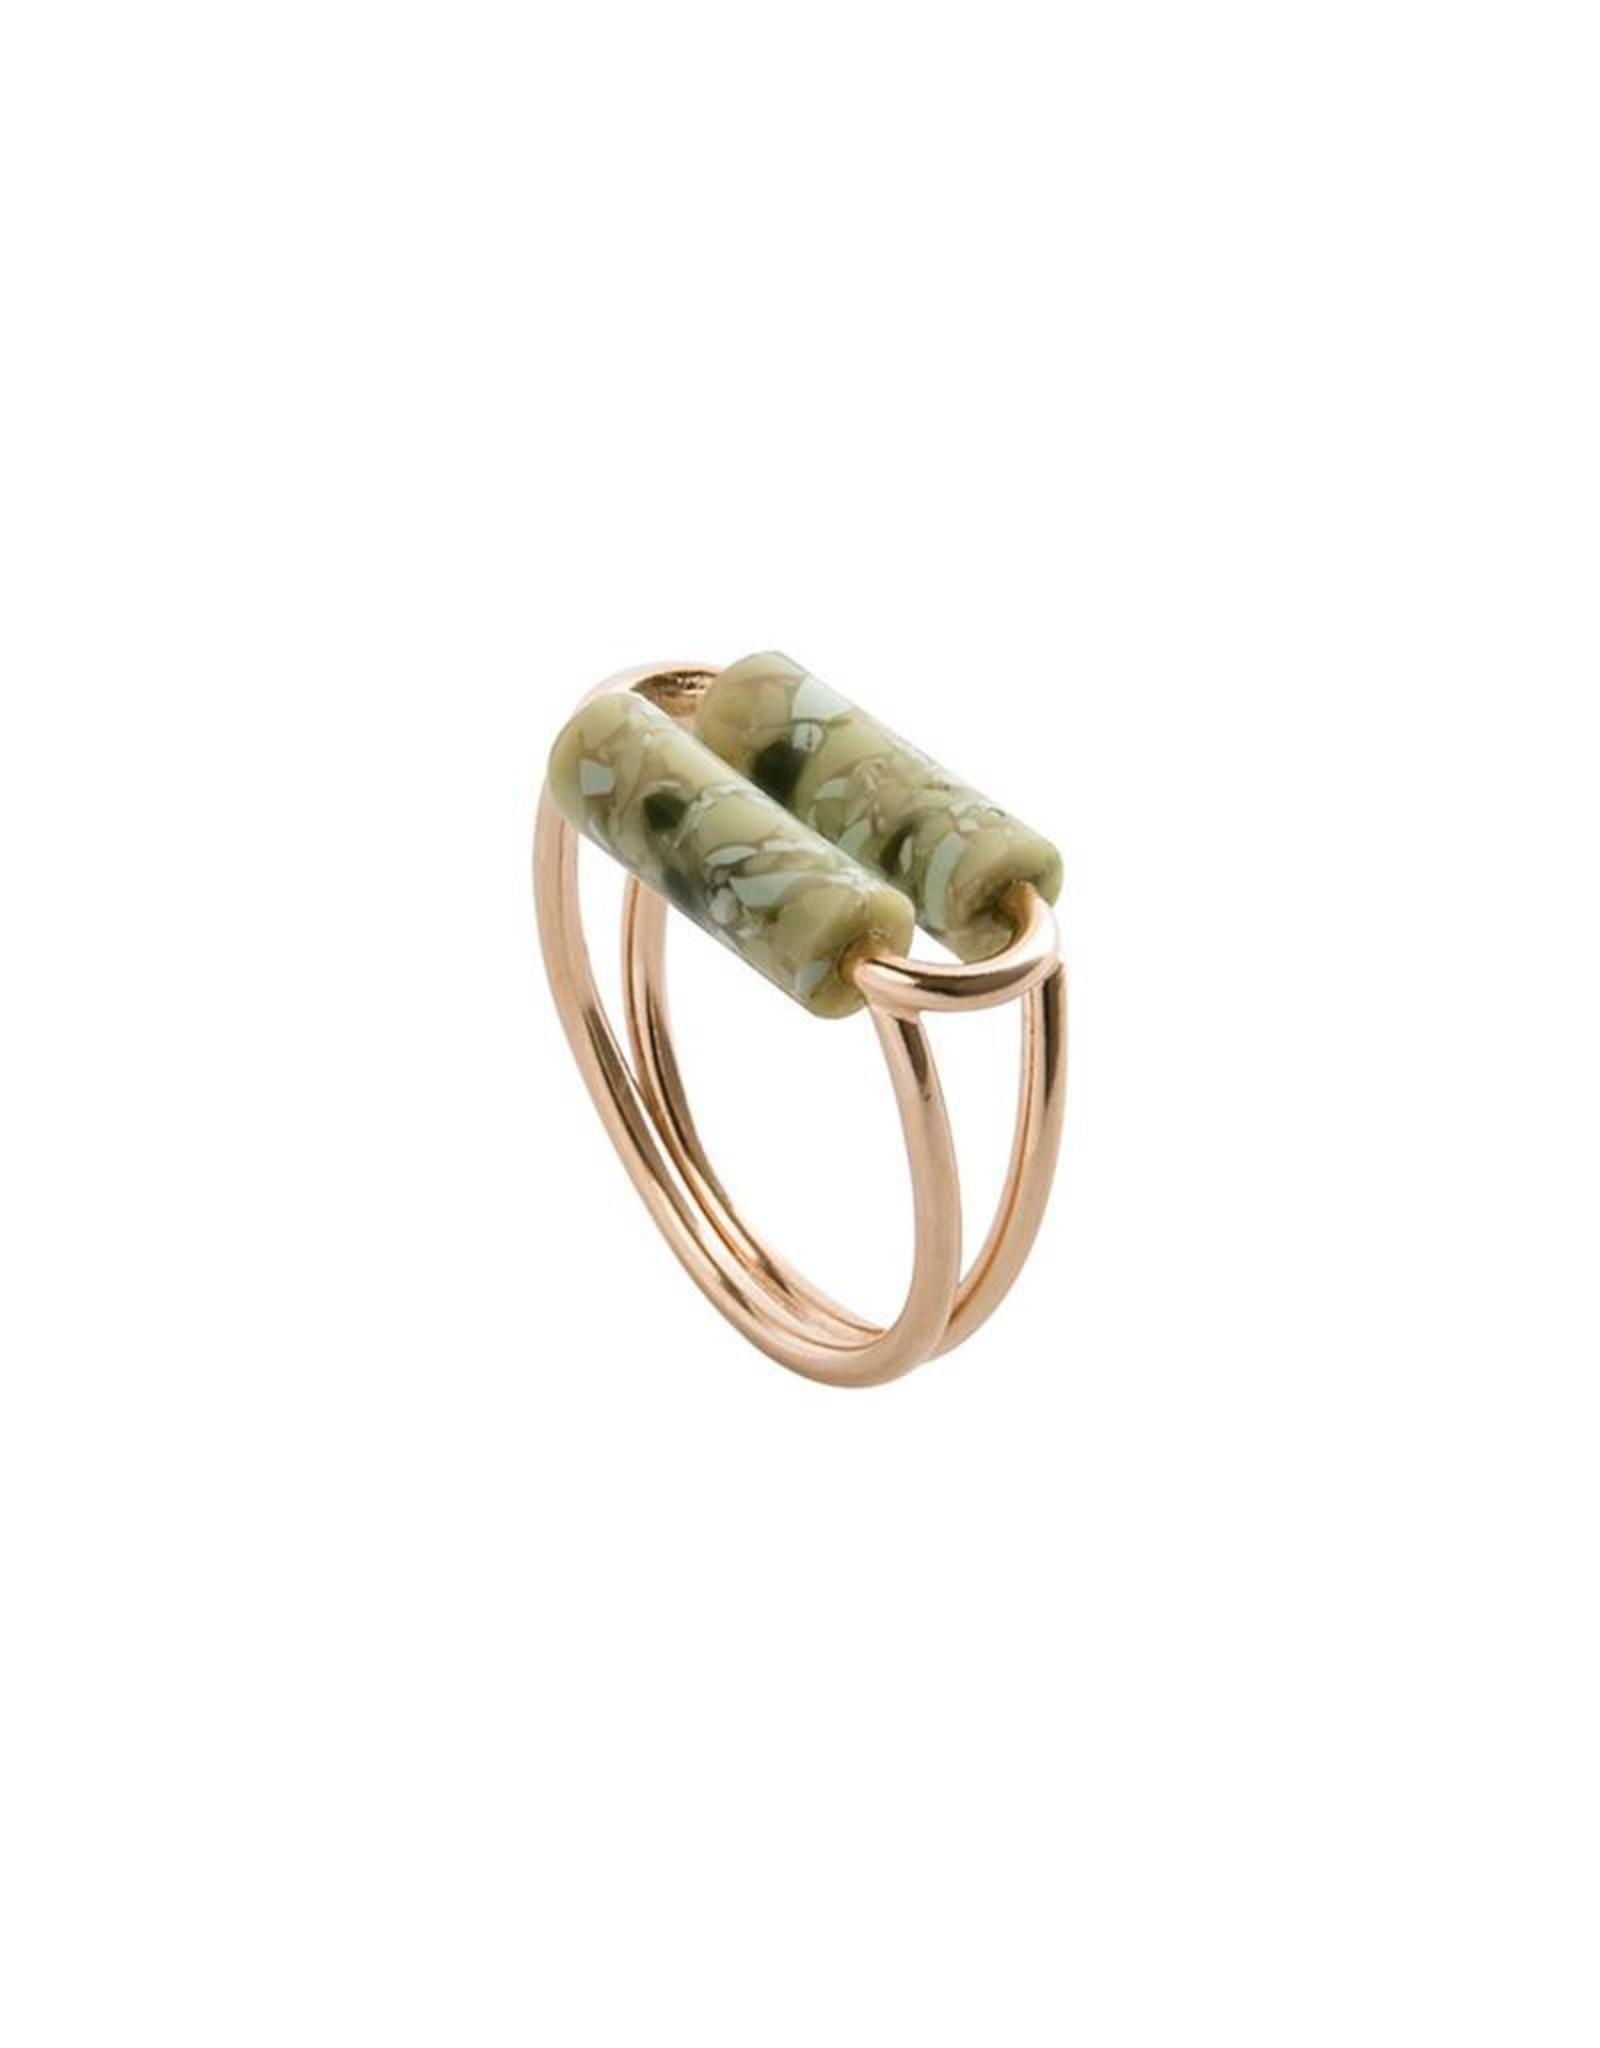 Lien Hereijgers Dubble date ring green